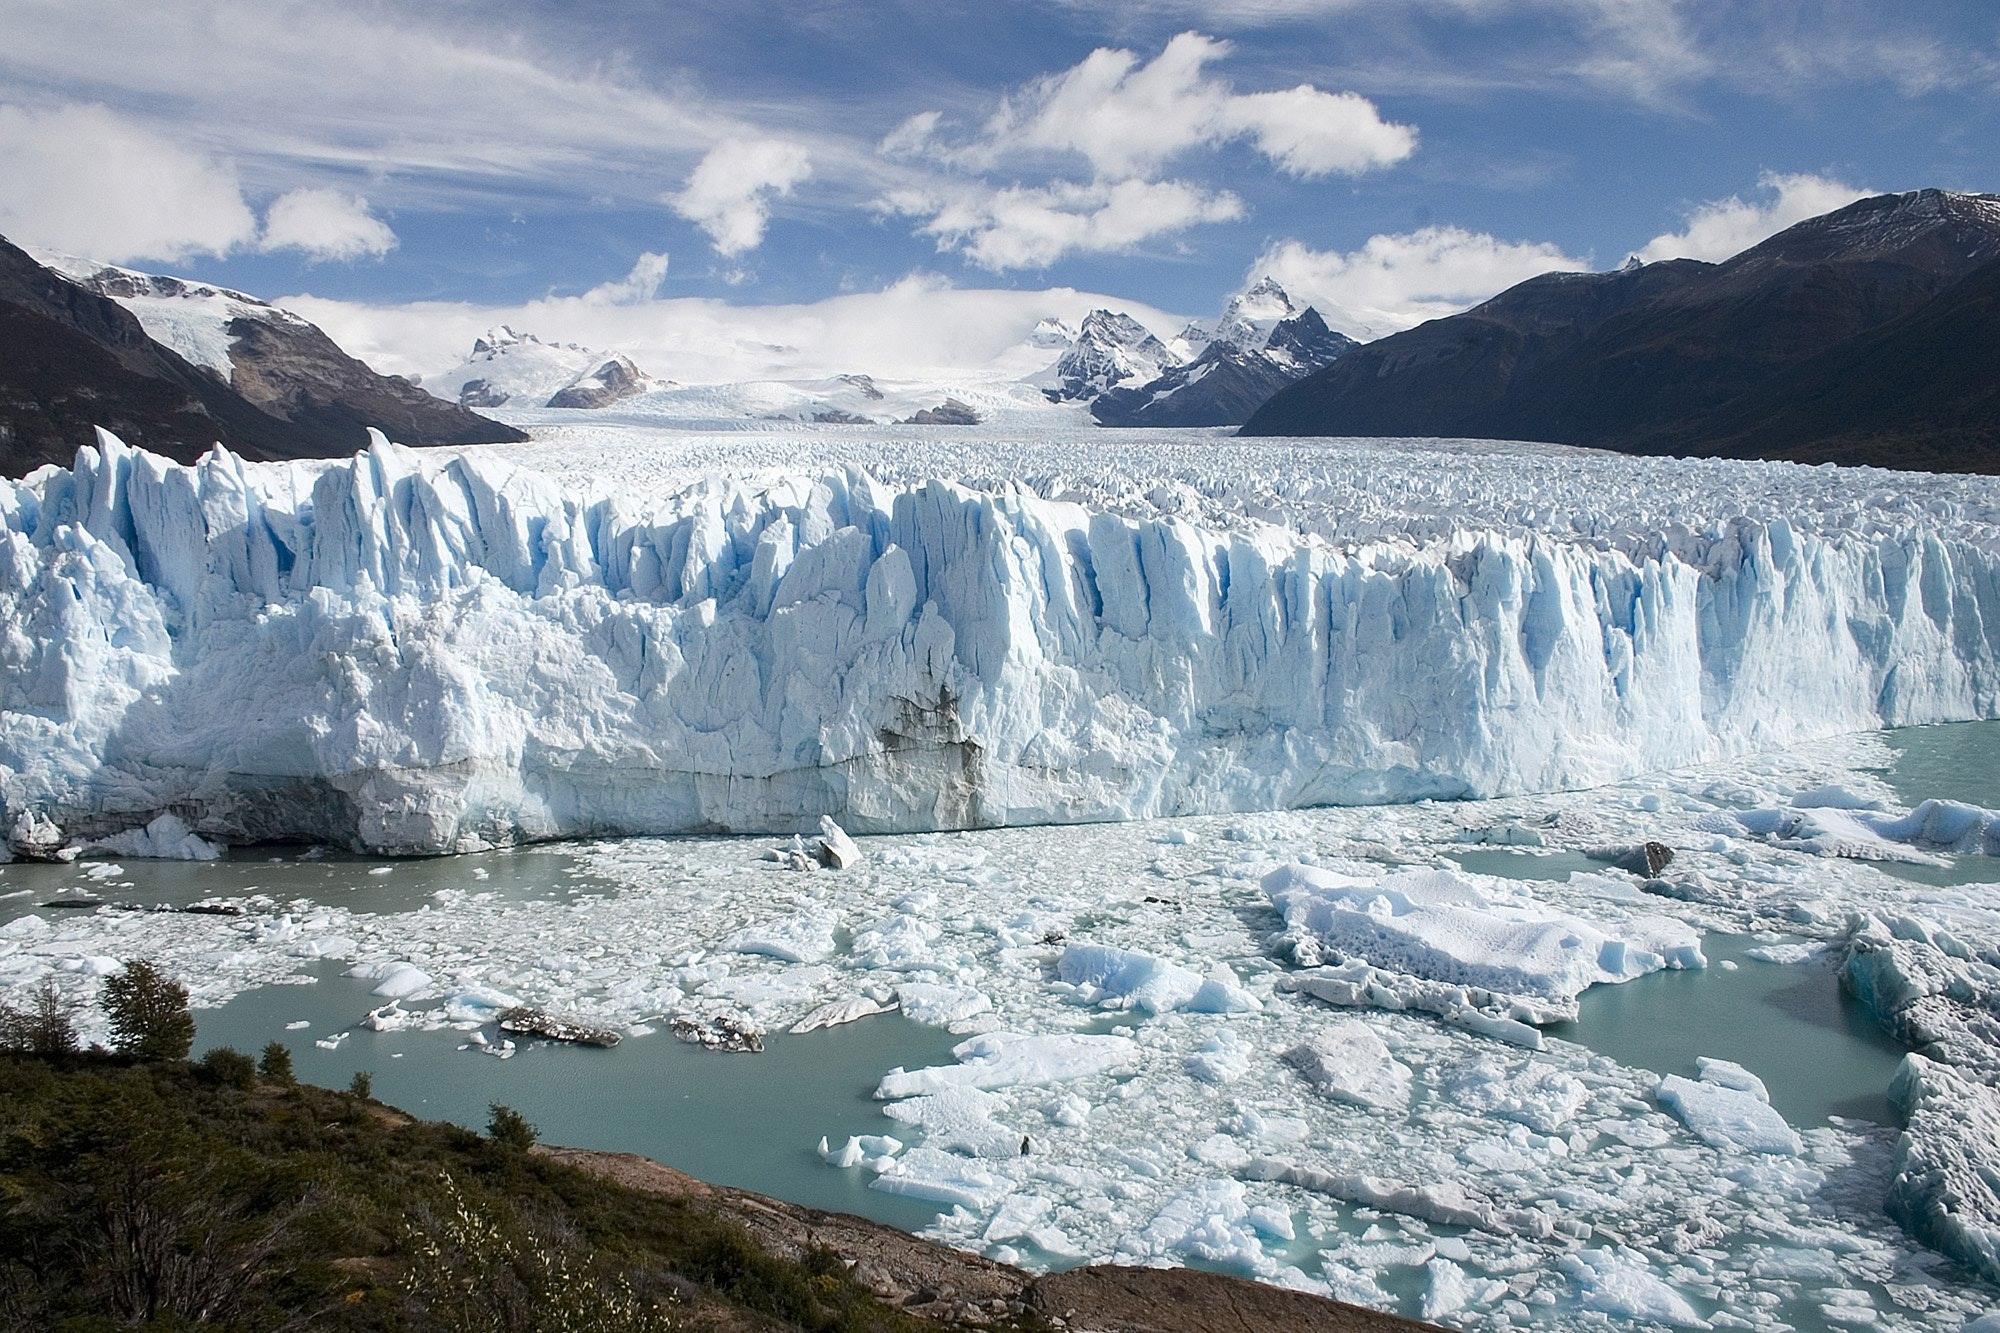 2016_04_Perito_Moreno_Glacier_Patagonia_Argentina_Luca_Galuzzi_2005.jpg